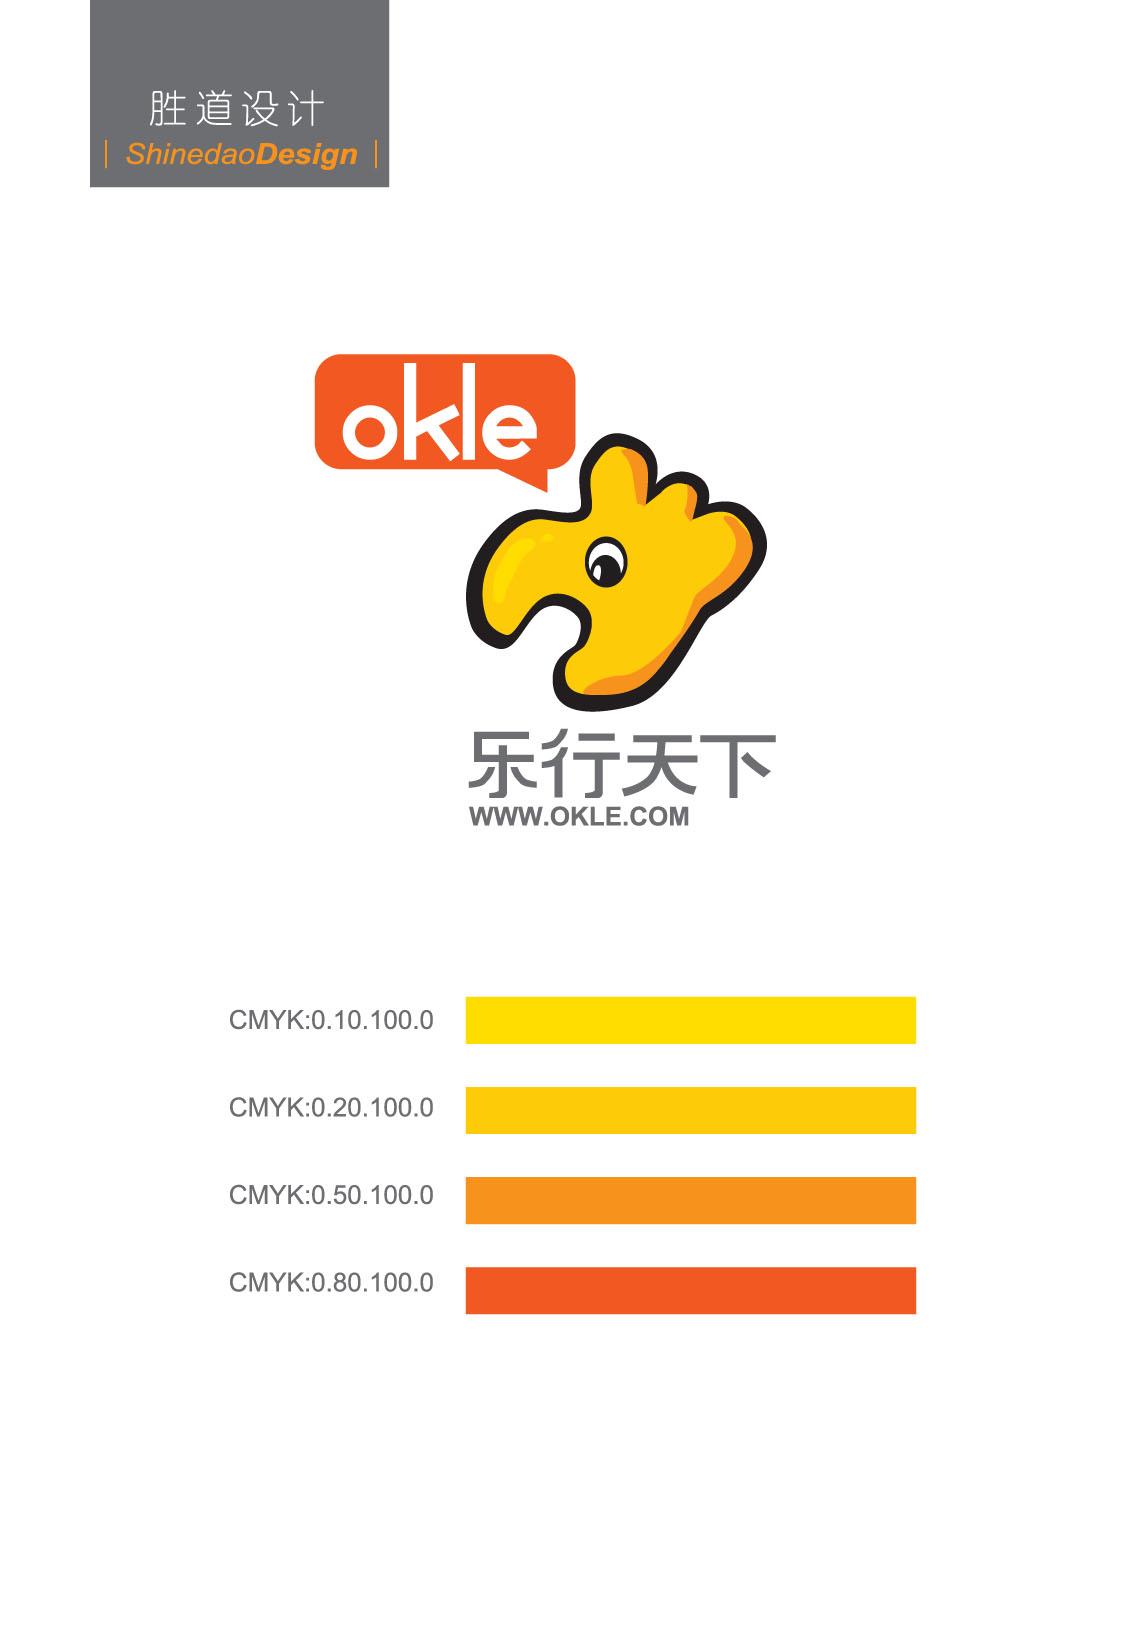 乐行天下游戏公司logo/名片设计(一周)